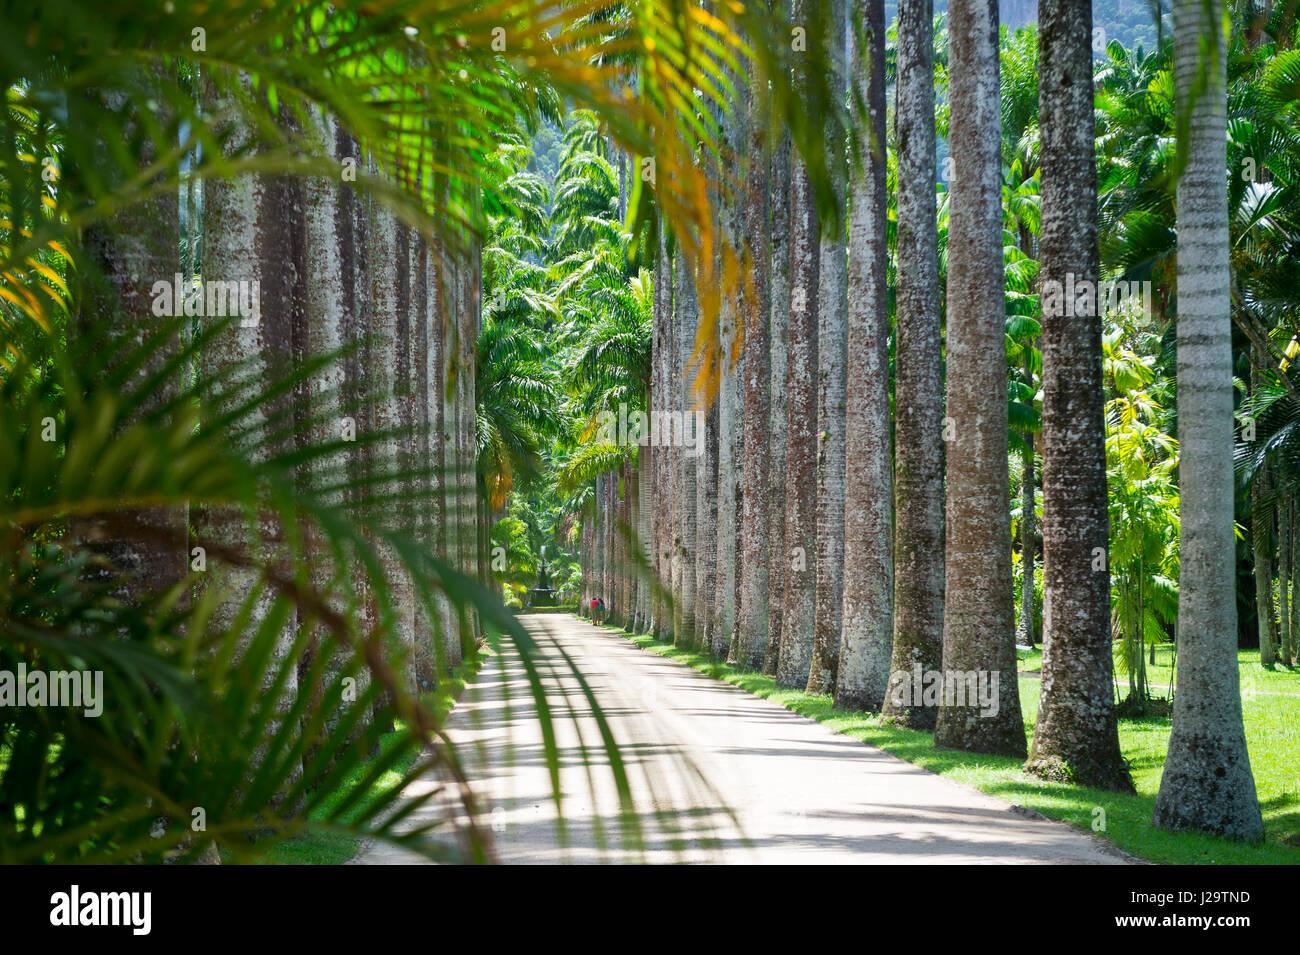 Vista panorámica de la avenida de las palmeras reales, enmarcadas ...